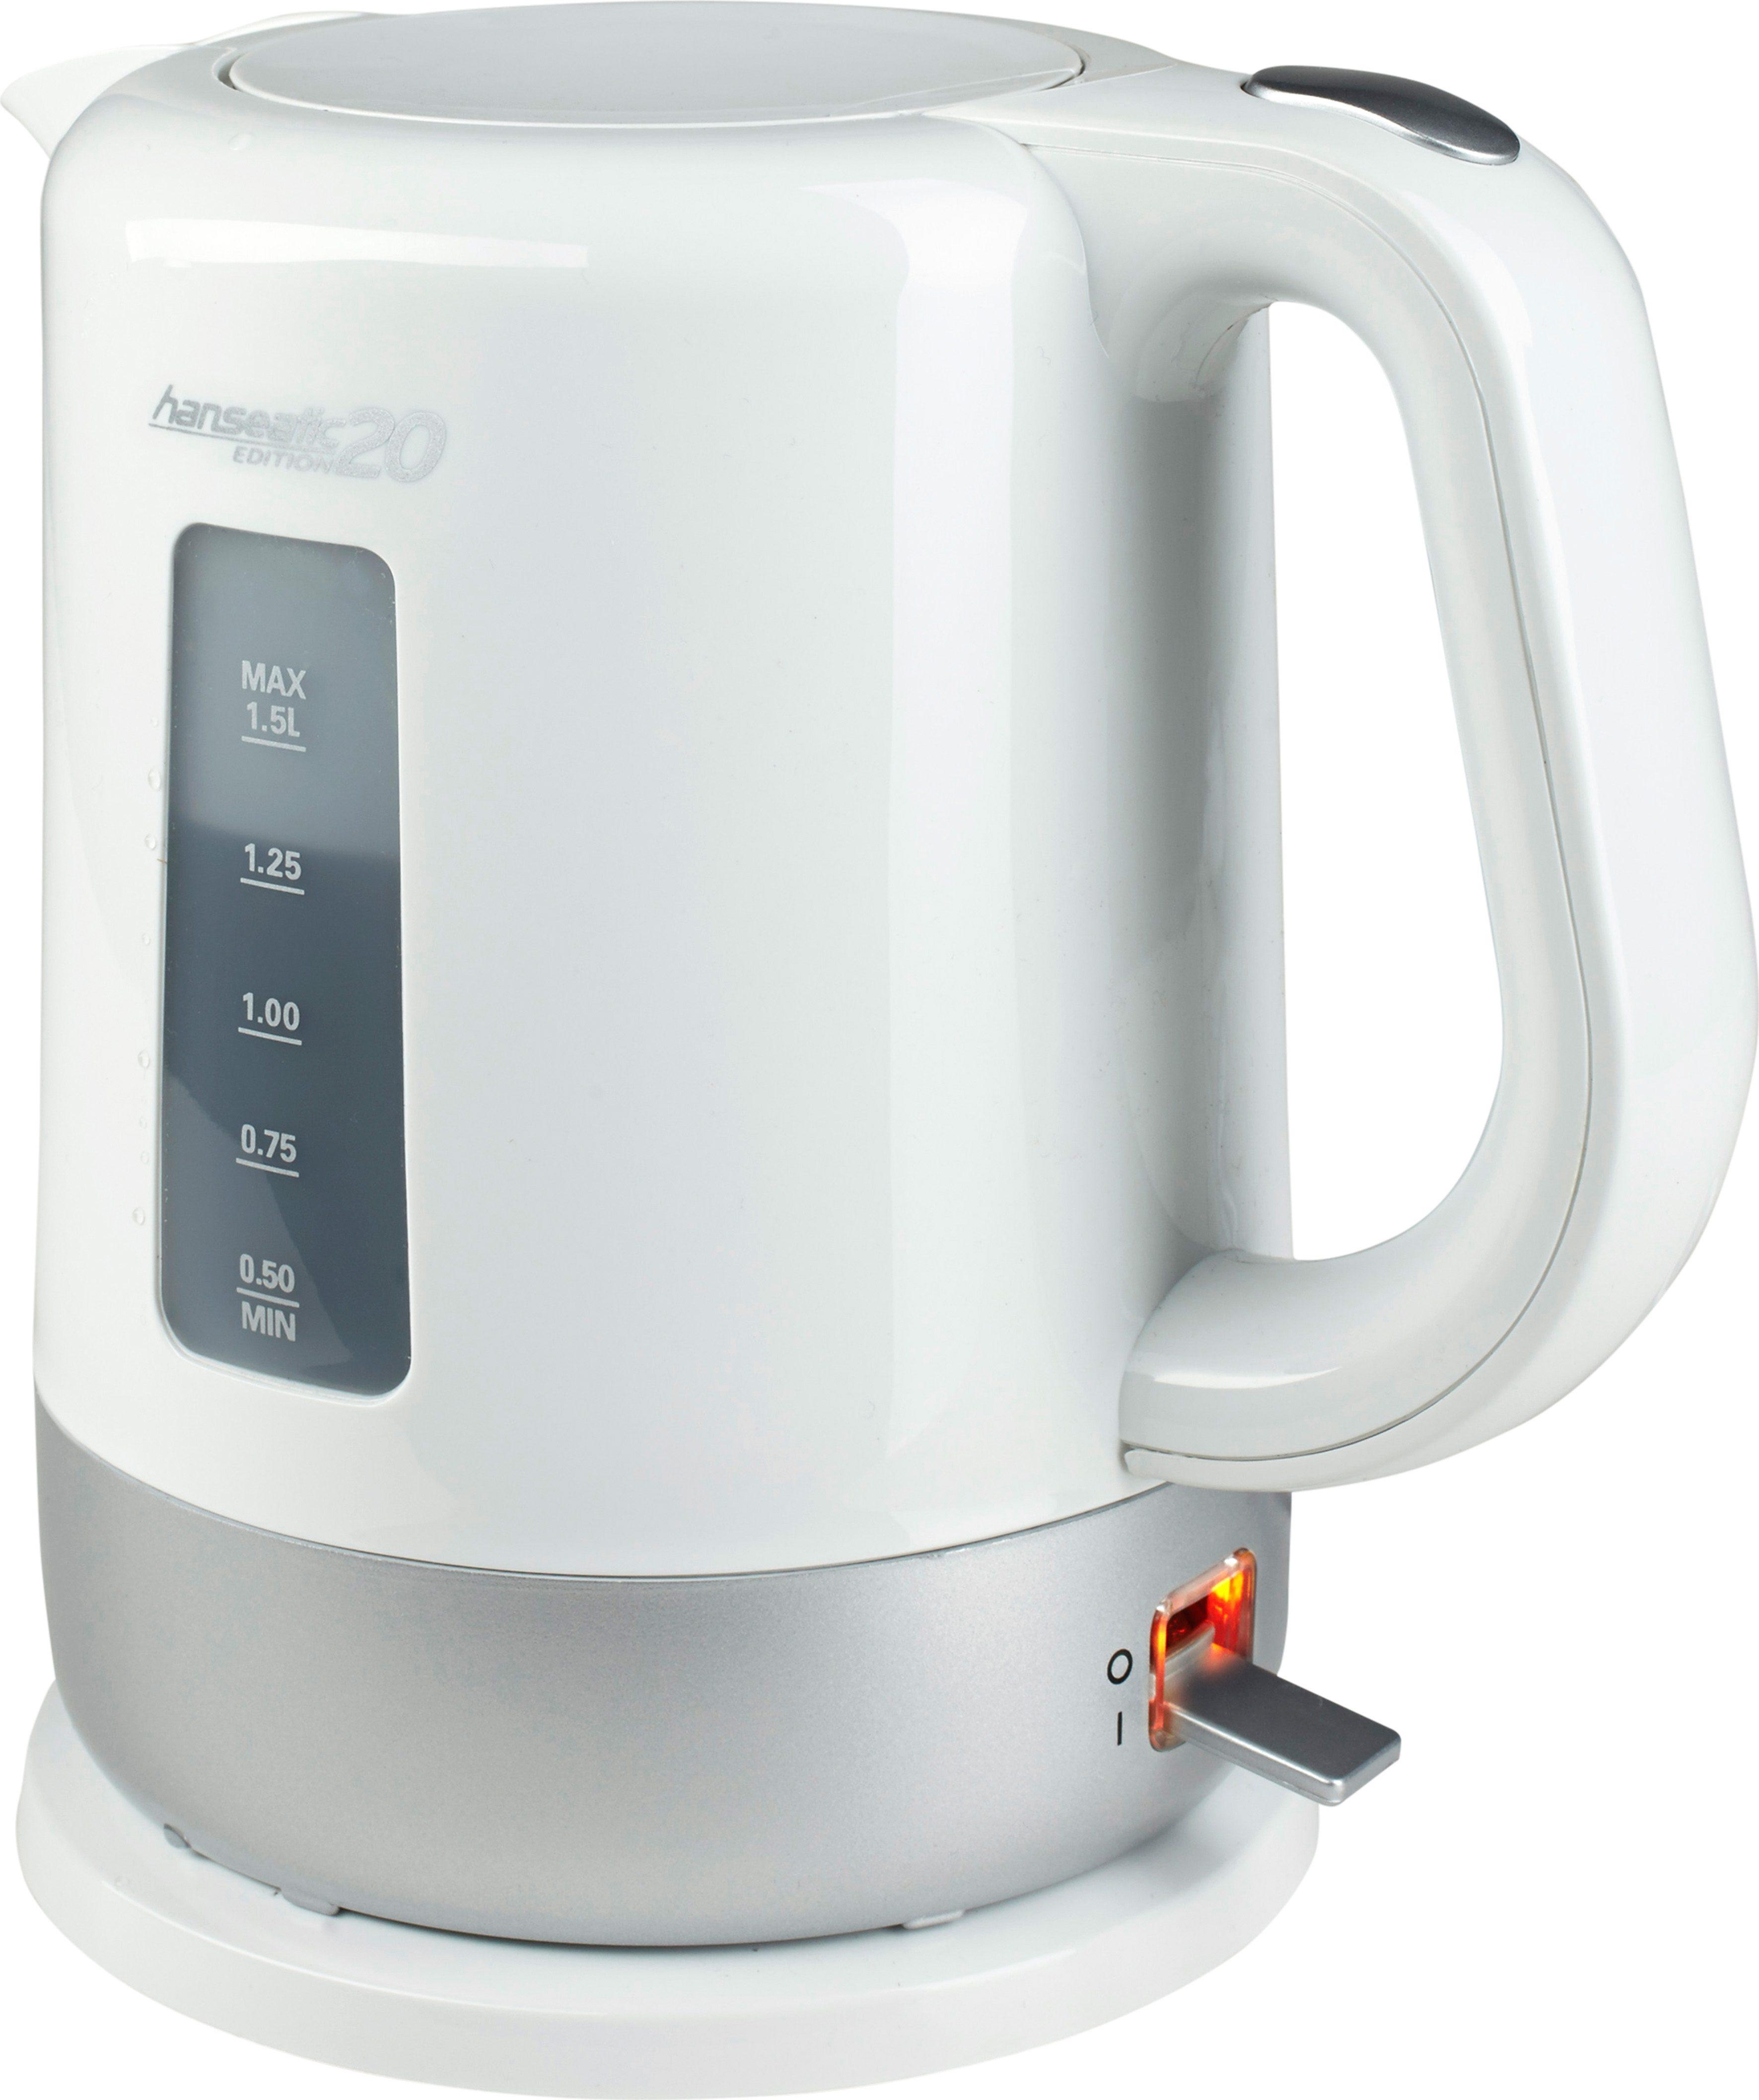 Hanseatic Wasserkocher Edition 20, 1,5 Liter, bis 2000 Watt